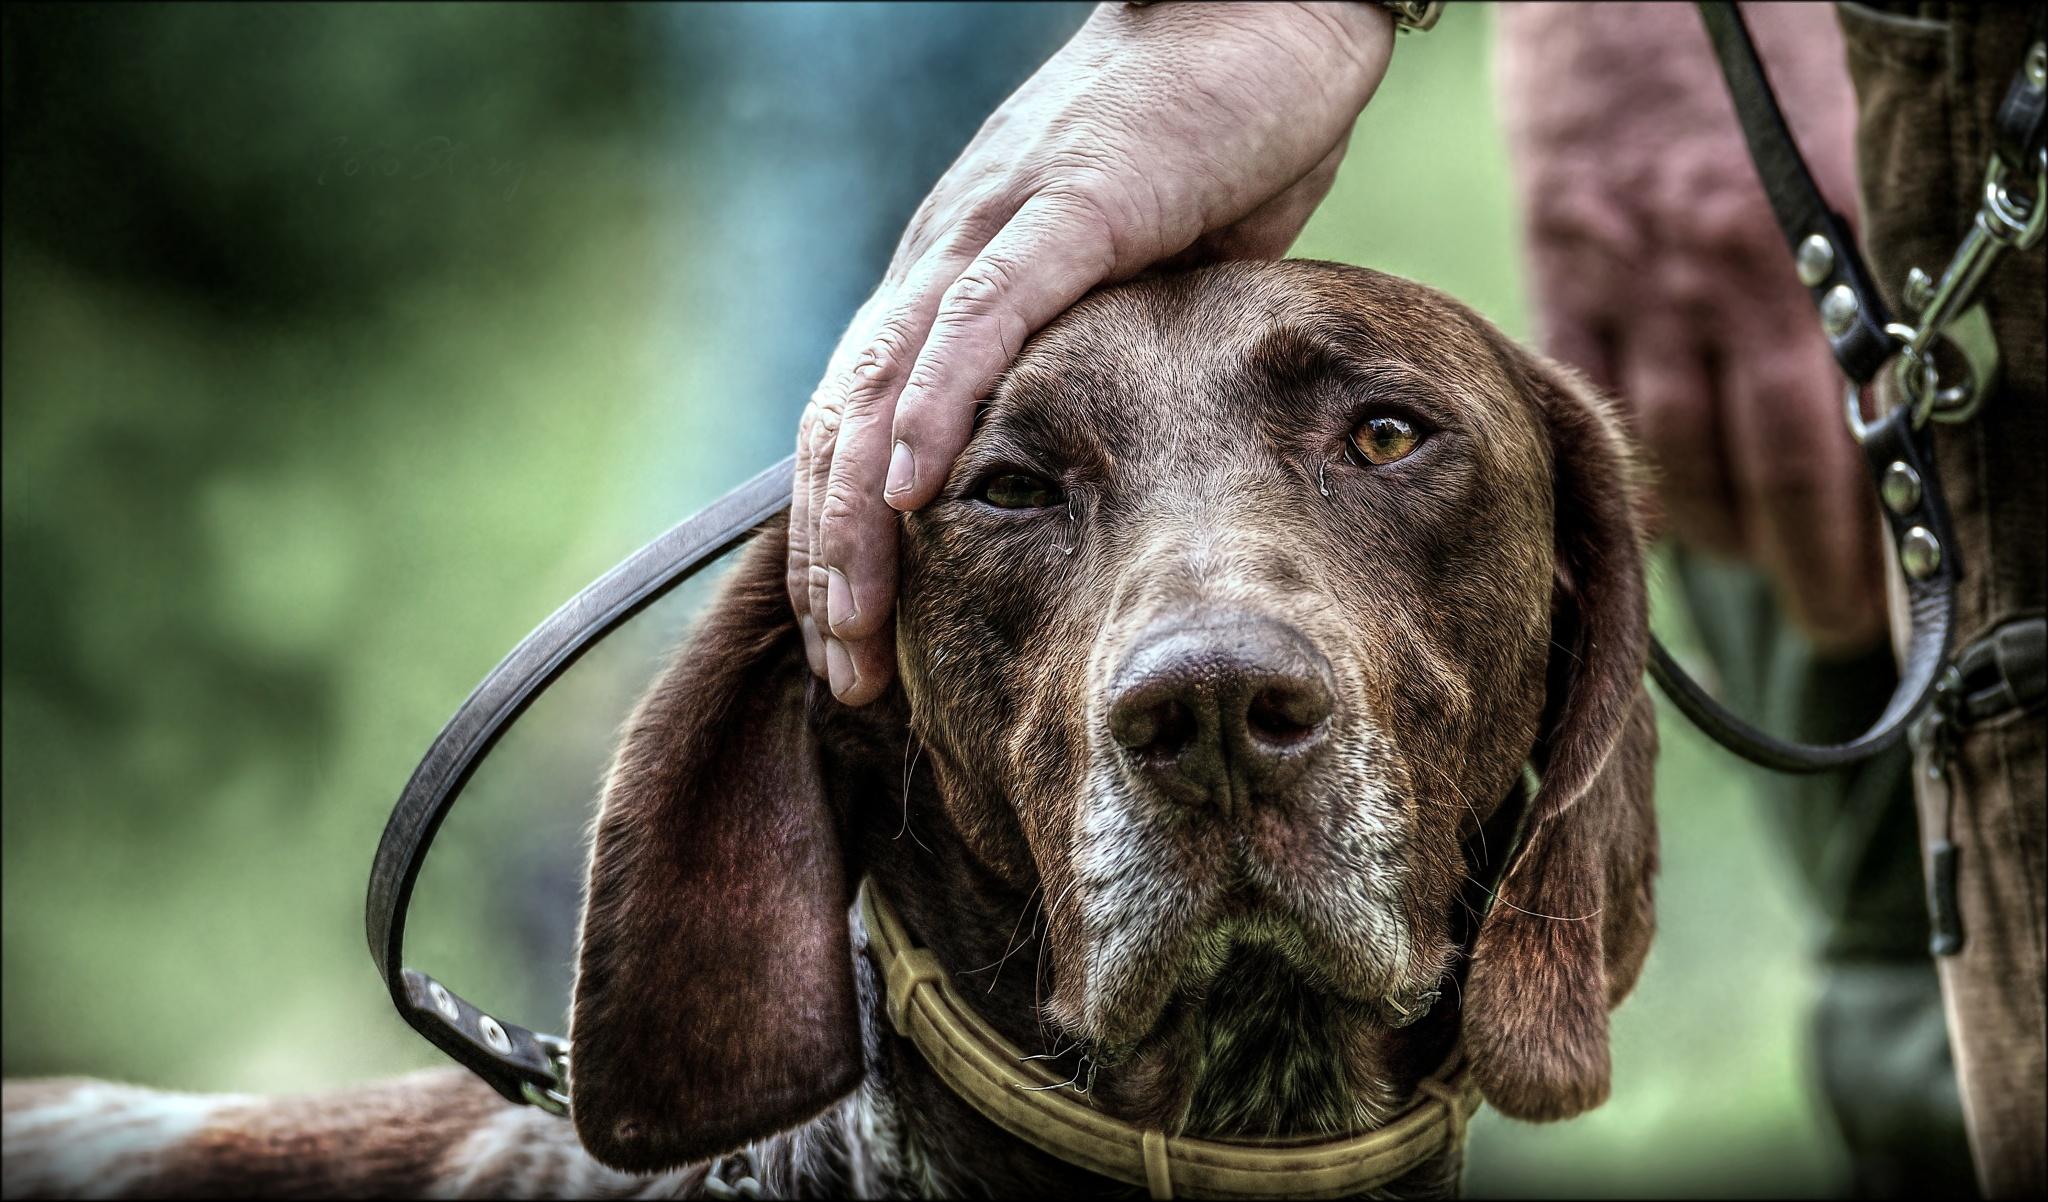 Jagdfotograf Adam Simandel: Wenn ich überlebe, werde ich etwas zu erzählen haben